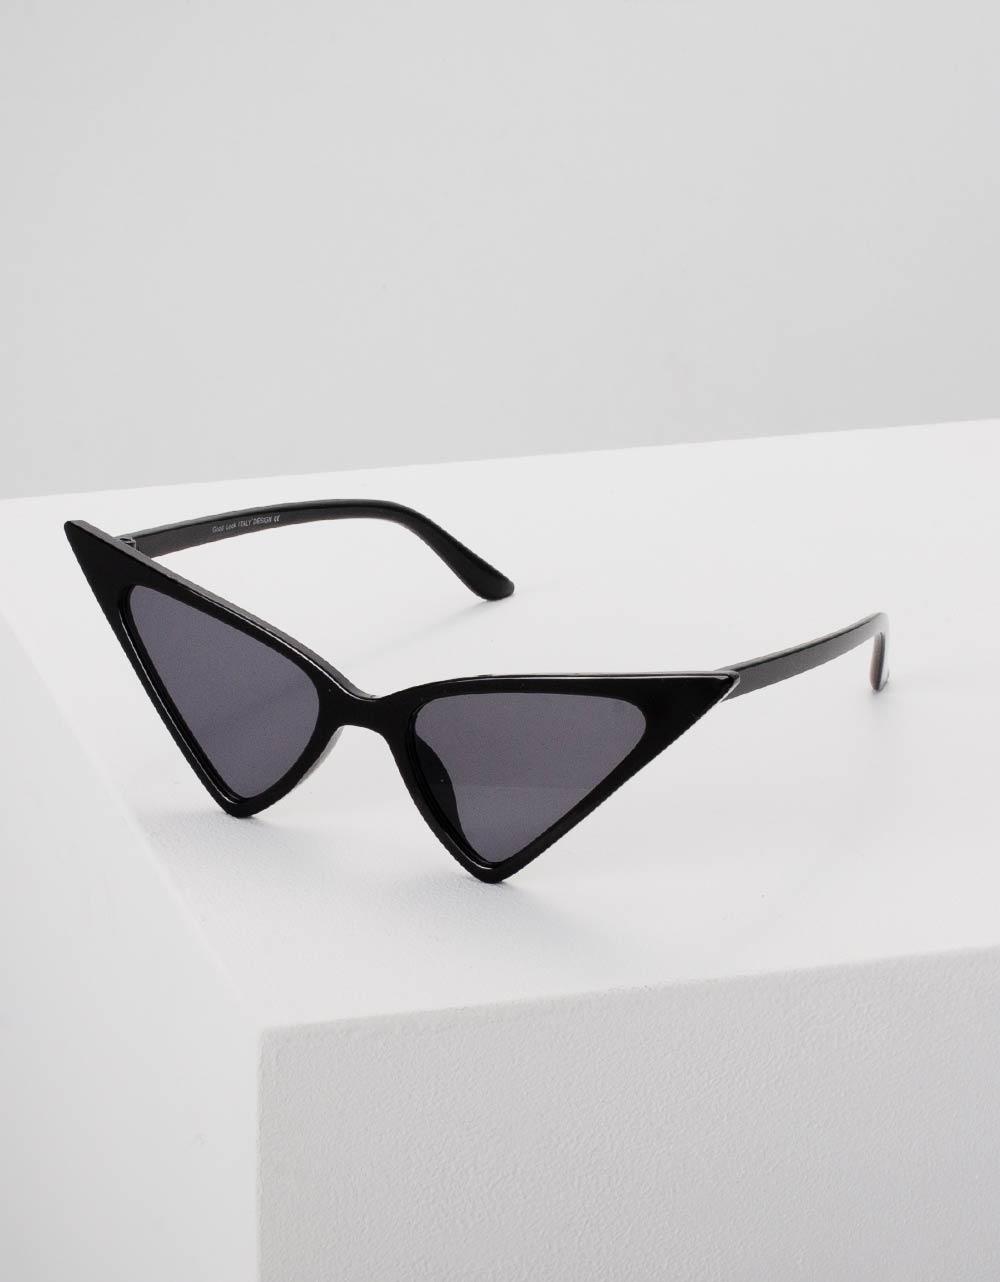 Εικόνα από Γυναικεία γυαλιά ηλίου σε σχήμα πεταλούδα Μαύρο